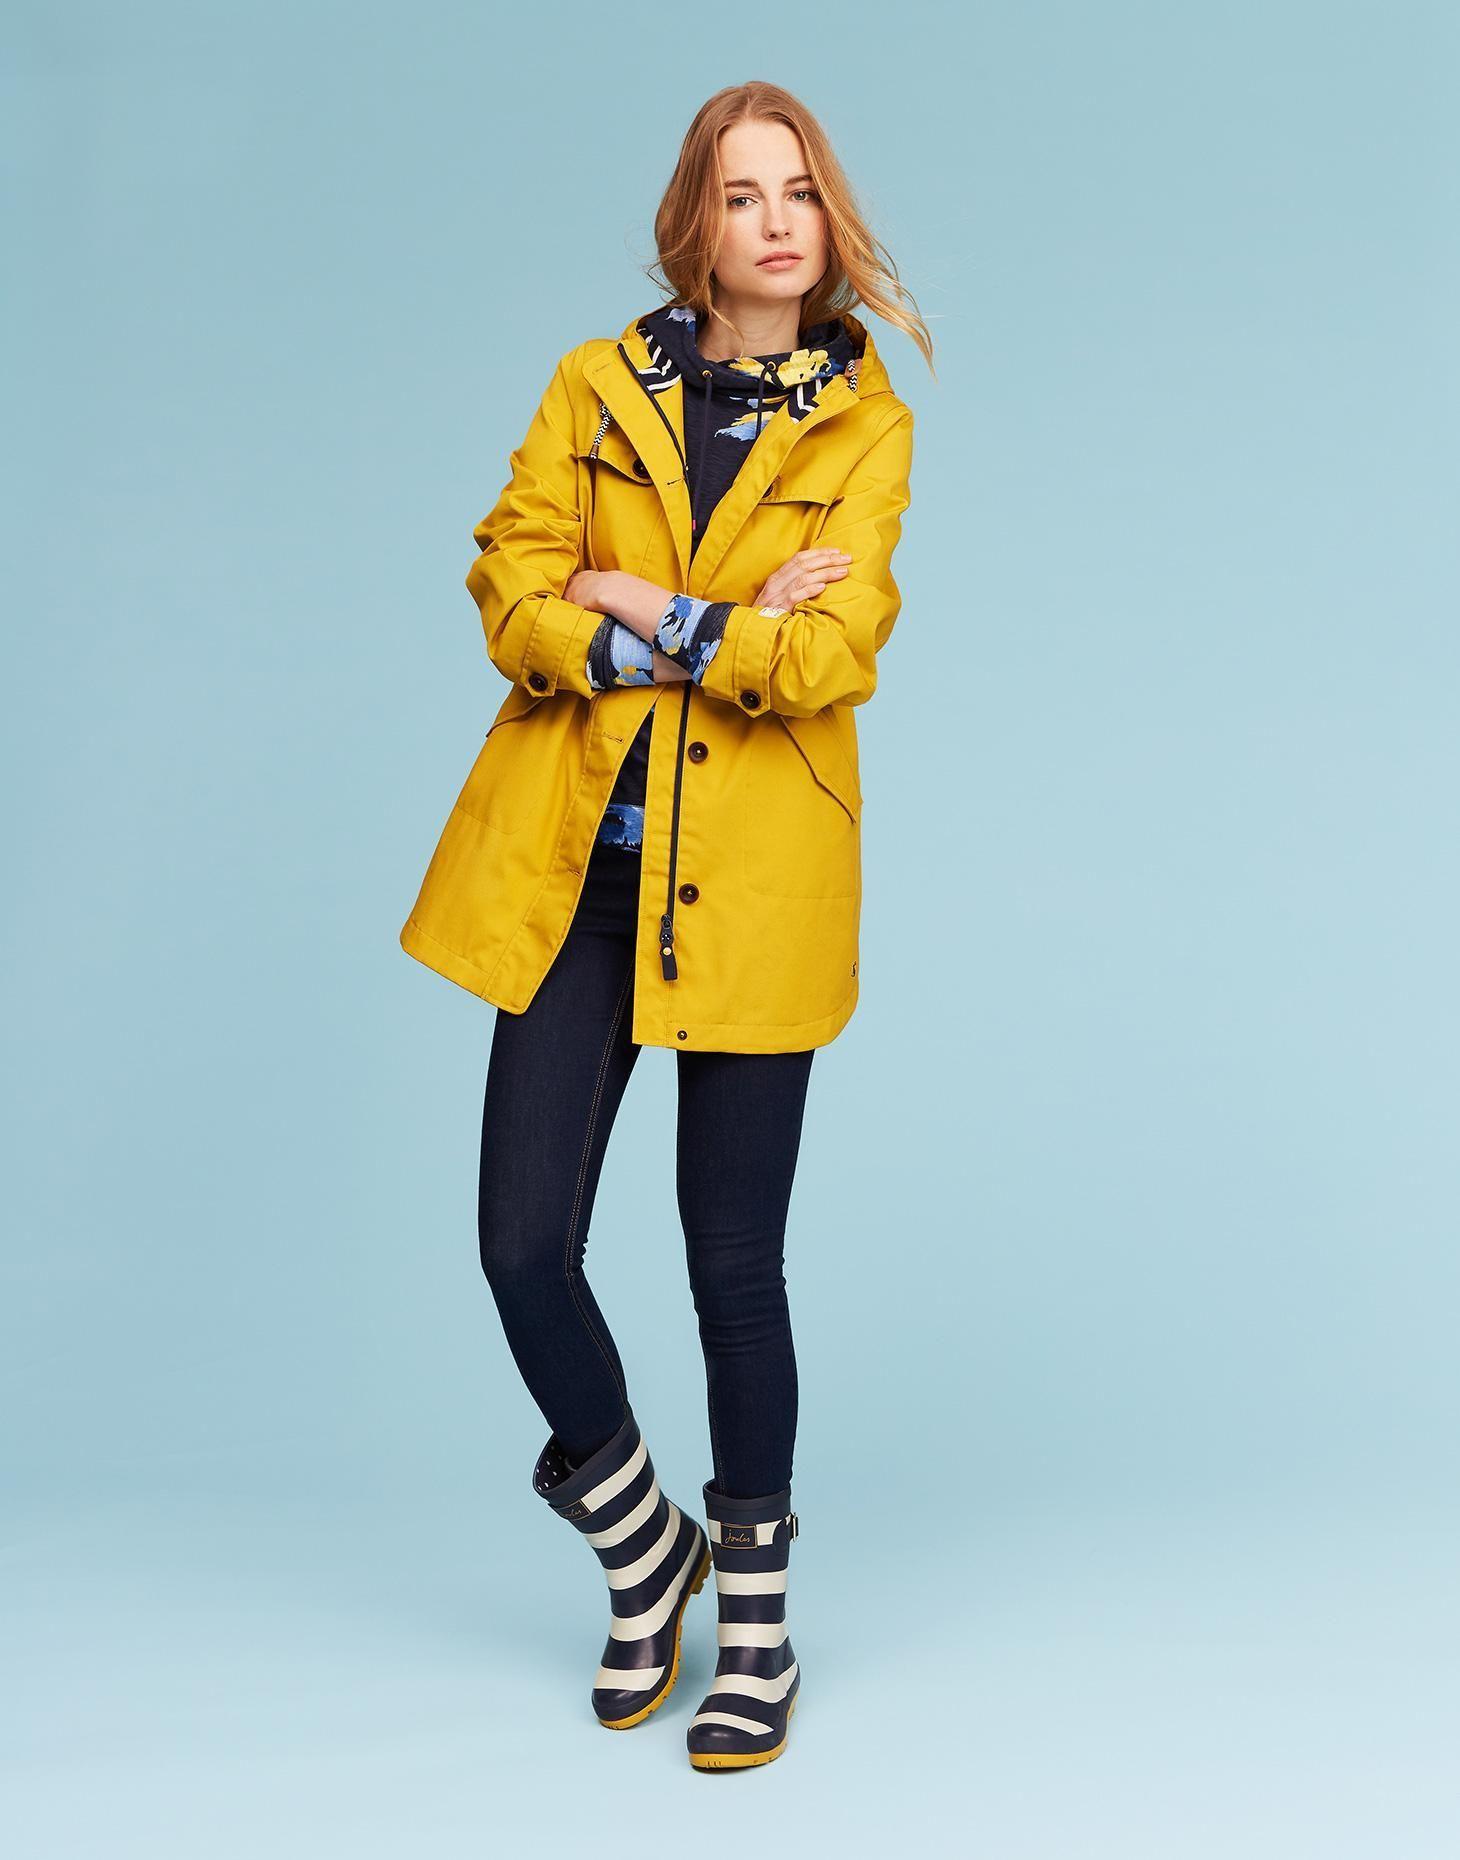 7c36c7e54 Coast Antique Gold Long Waterproof Jacket   Joules US   clothing i ...